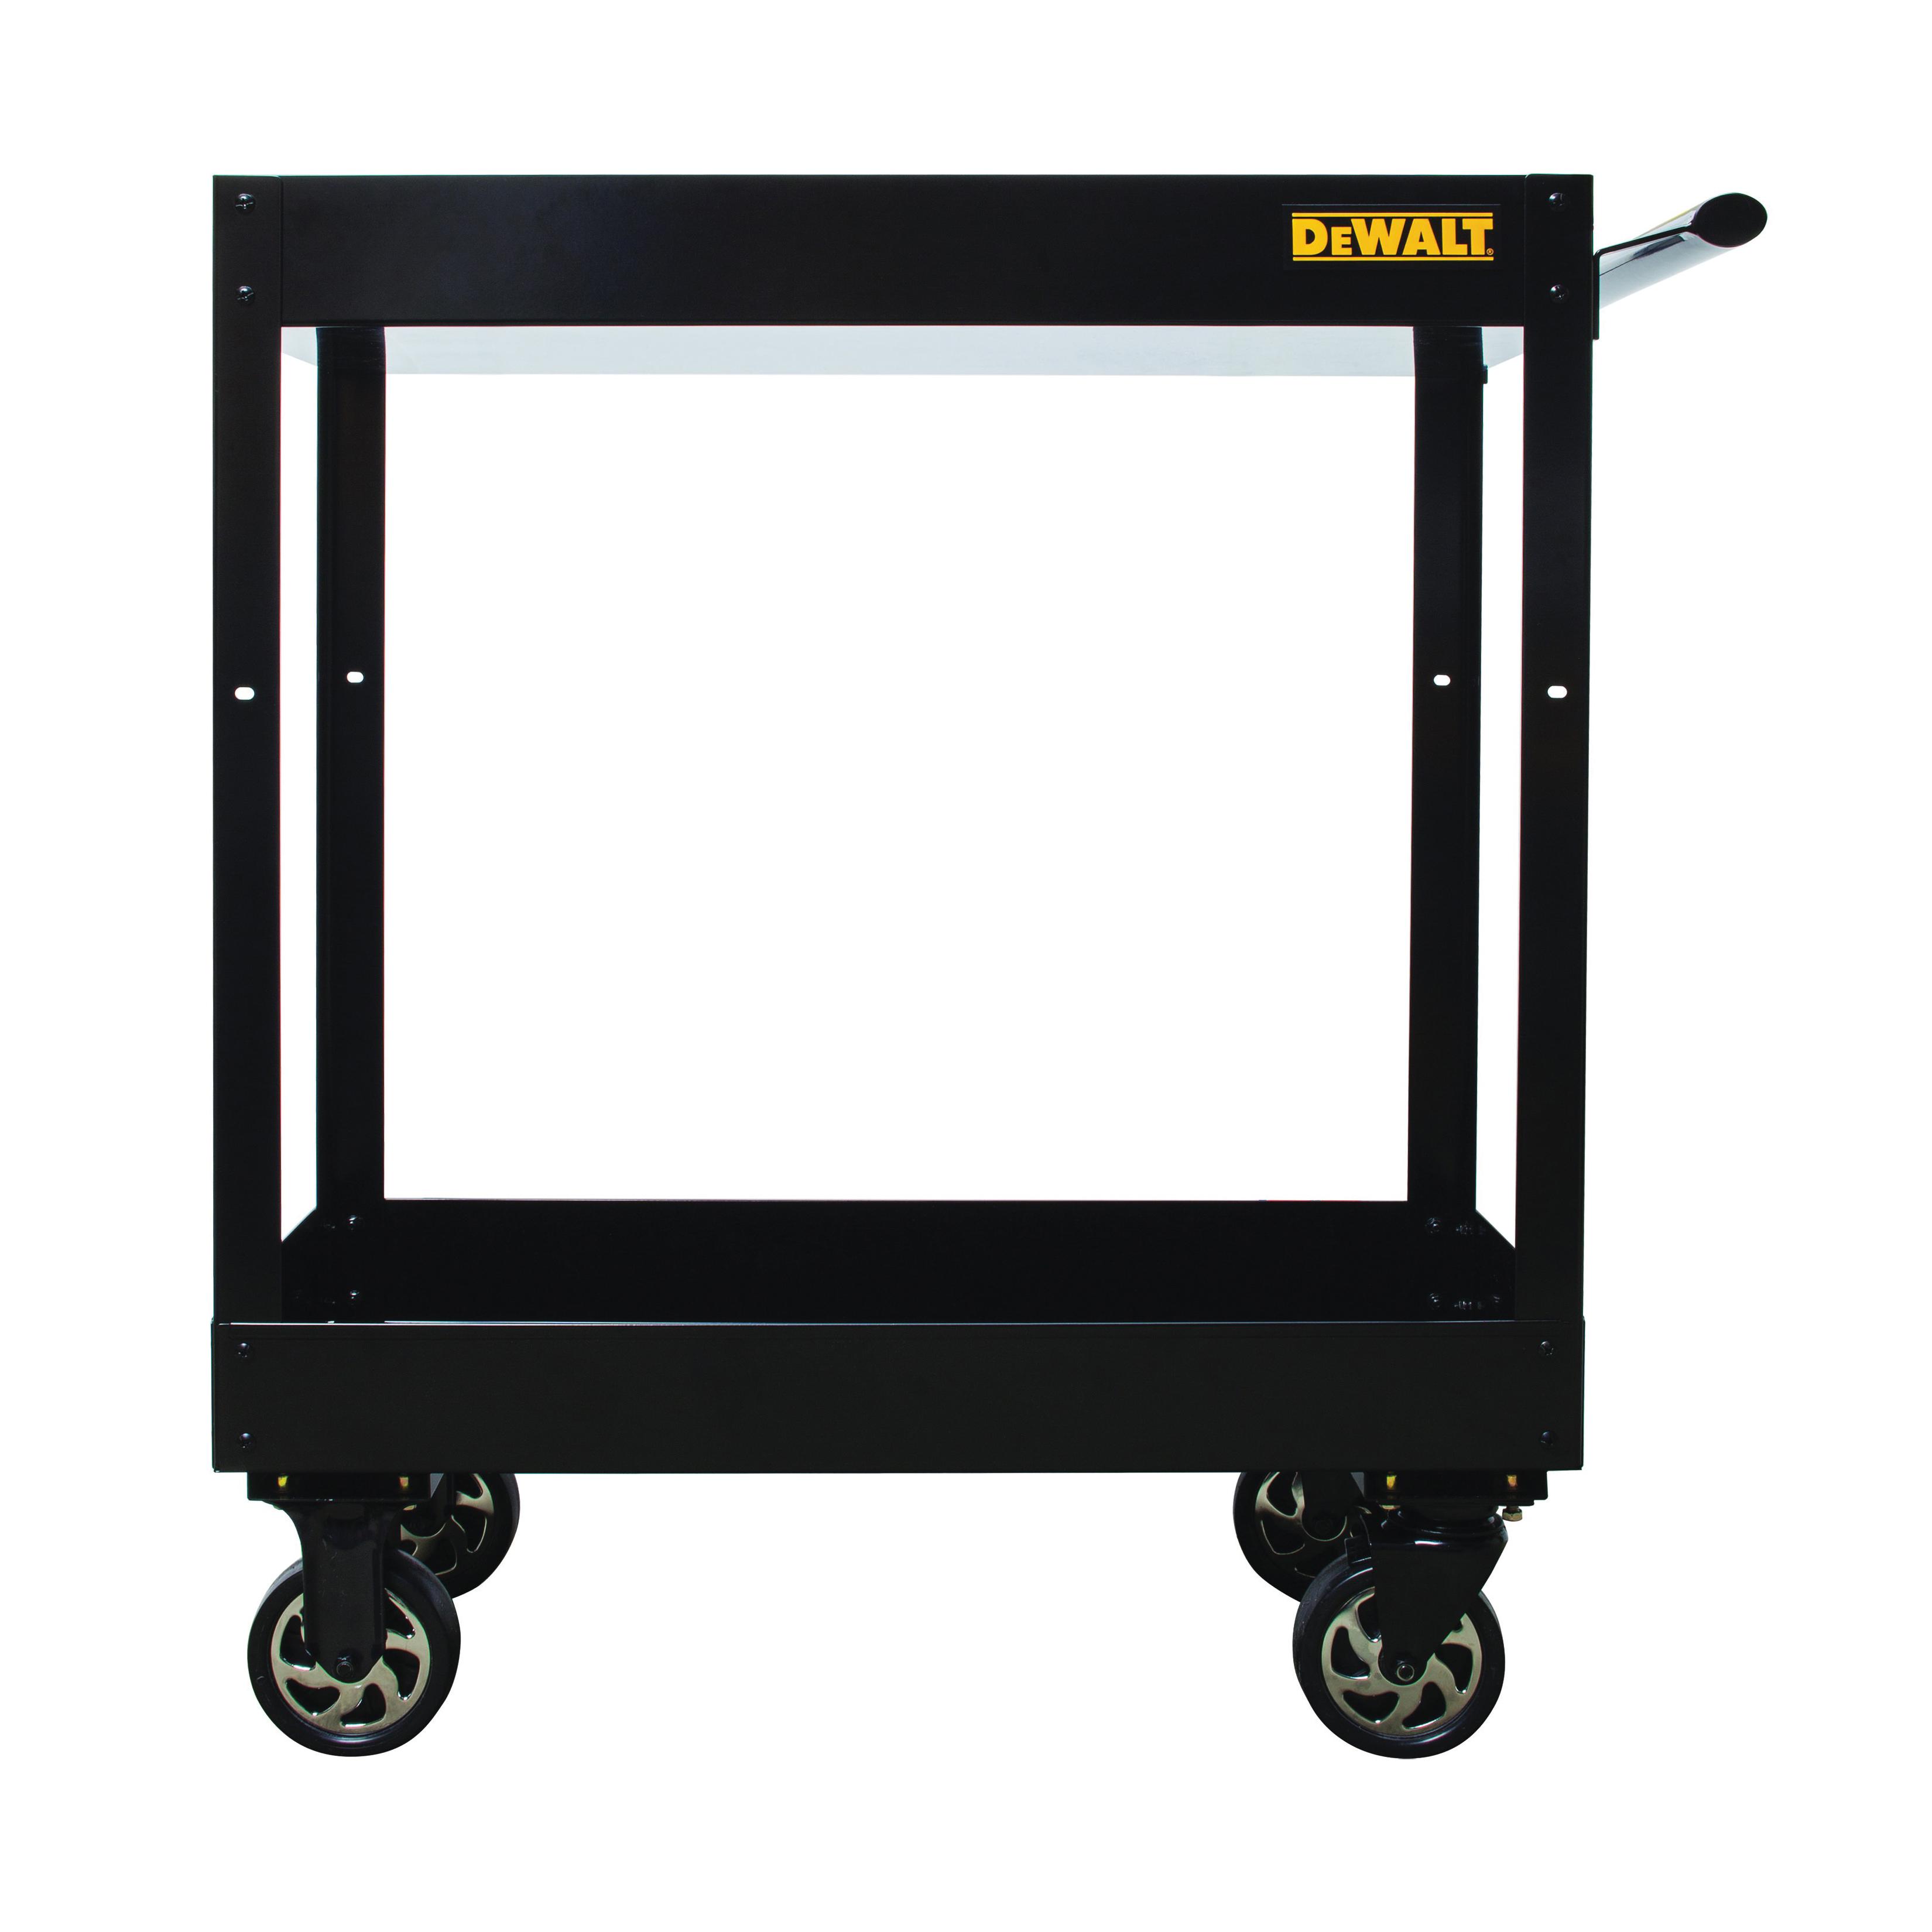 Picture of DeWALT DWMT78086 Utility Cart, 3540 cu-in, 32 in OAW, 38 in OAH, Steel, Black